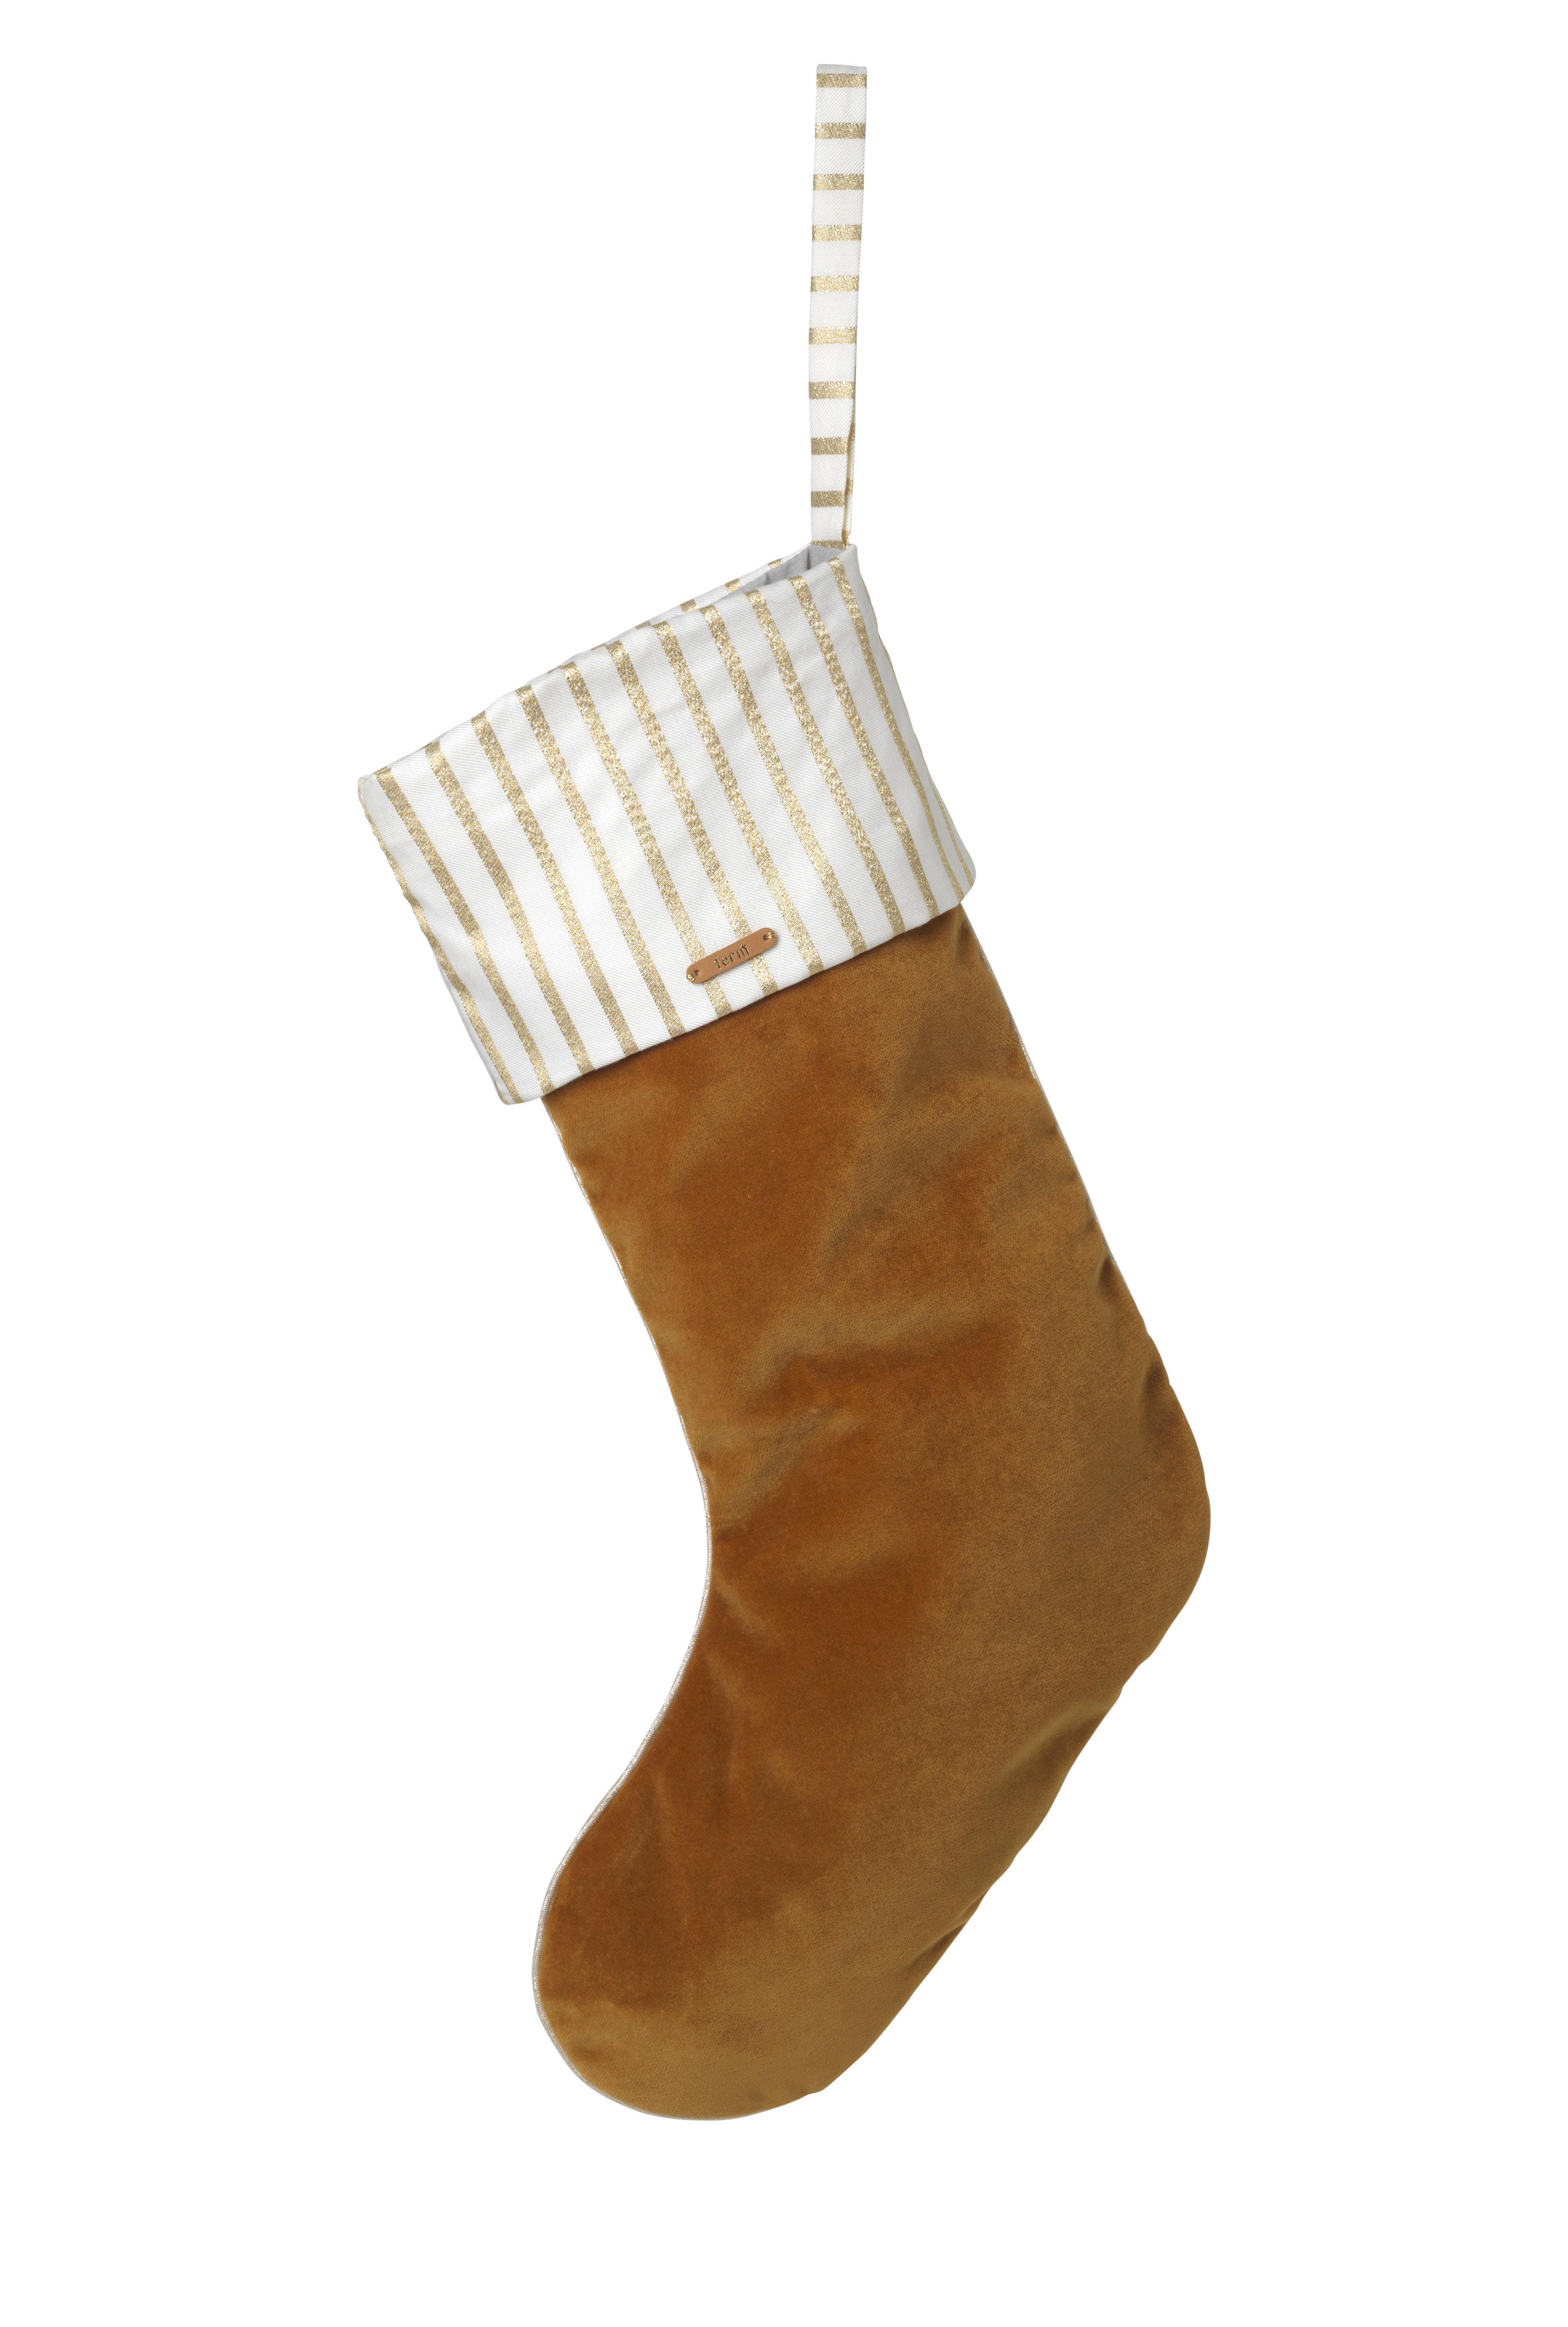 Dekoration - Dekorationsartikel - Stocking Weihnachts-Dekoration / Chaussette  à suspendre - Ferm Living - Senfgelb - Baumwolle, Velours